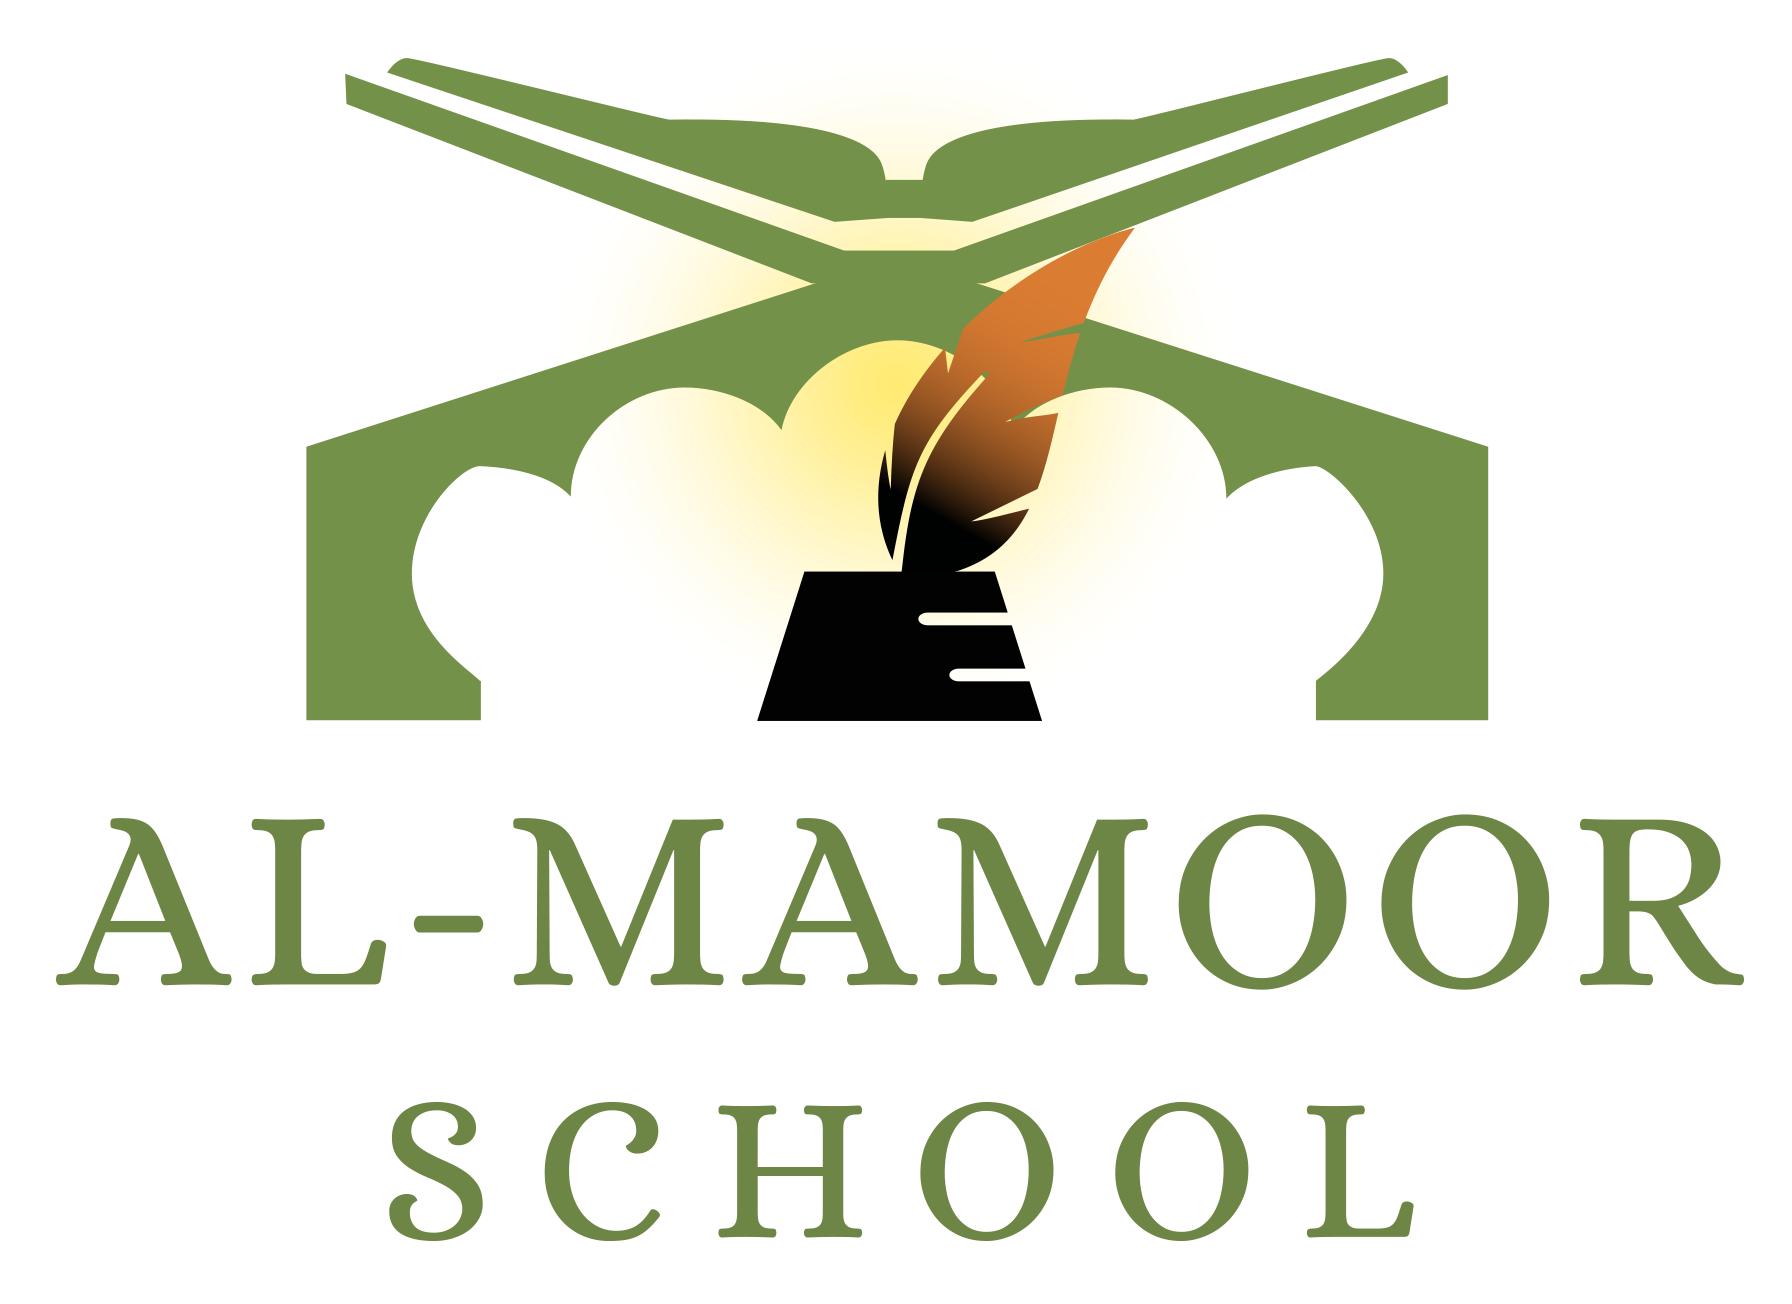 Al-Mamoor School